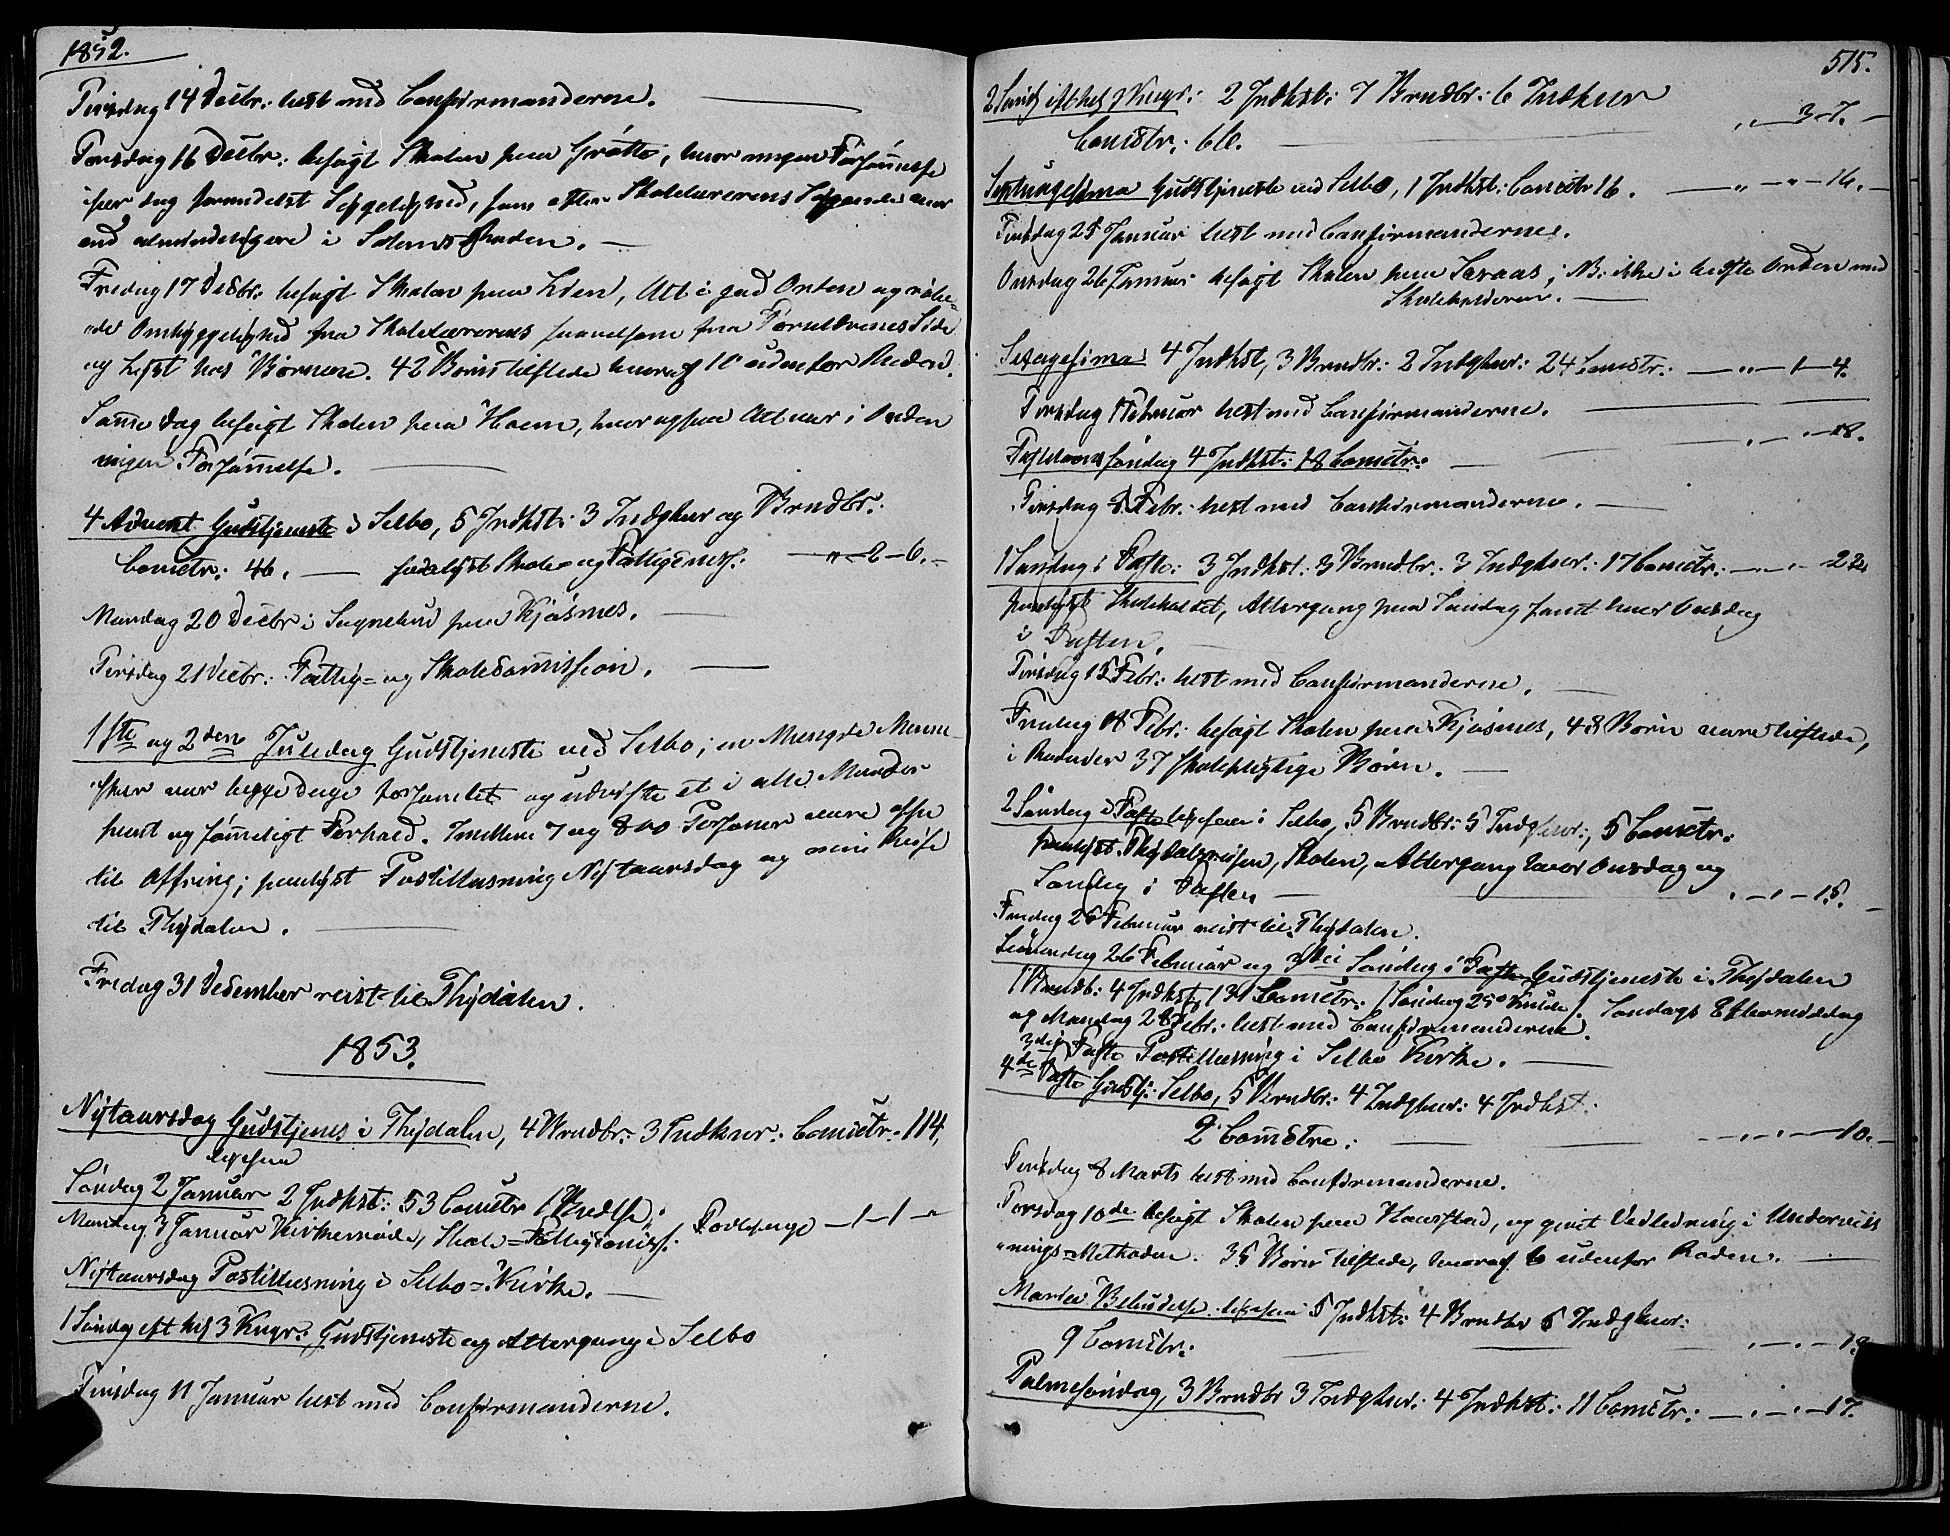 SAT, Ministerialprotokoller, klokkerbøker og fødselsregistre - Sør-Trøndelag, 695/L1145: Ministerialbok nr. 695A06 /1, 1843-1859, s. 515